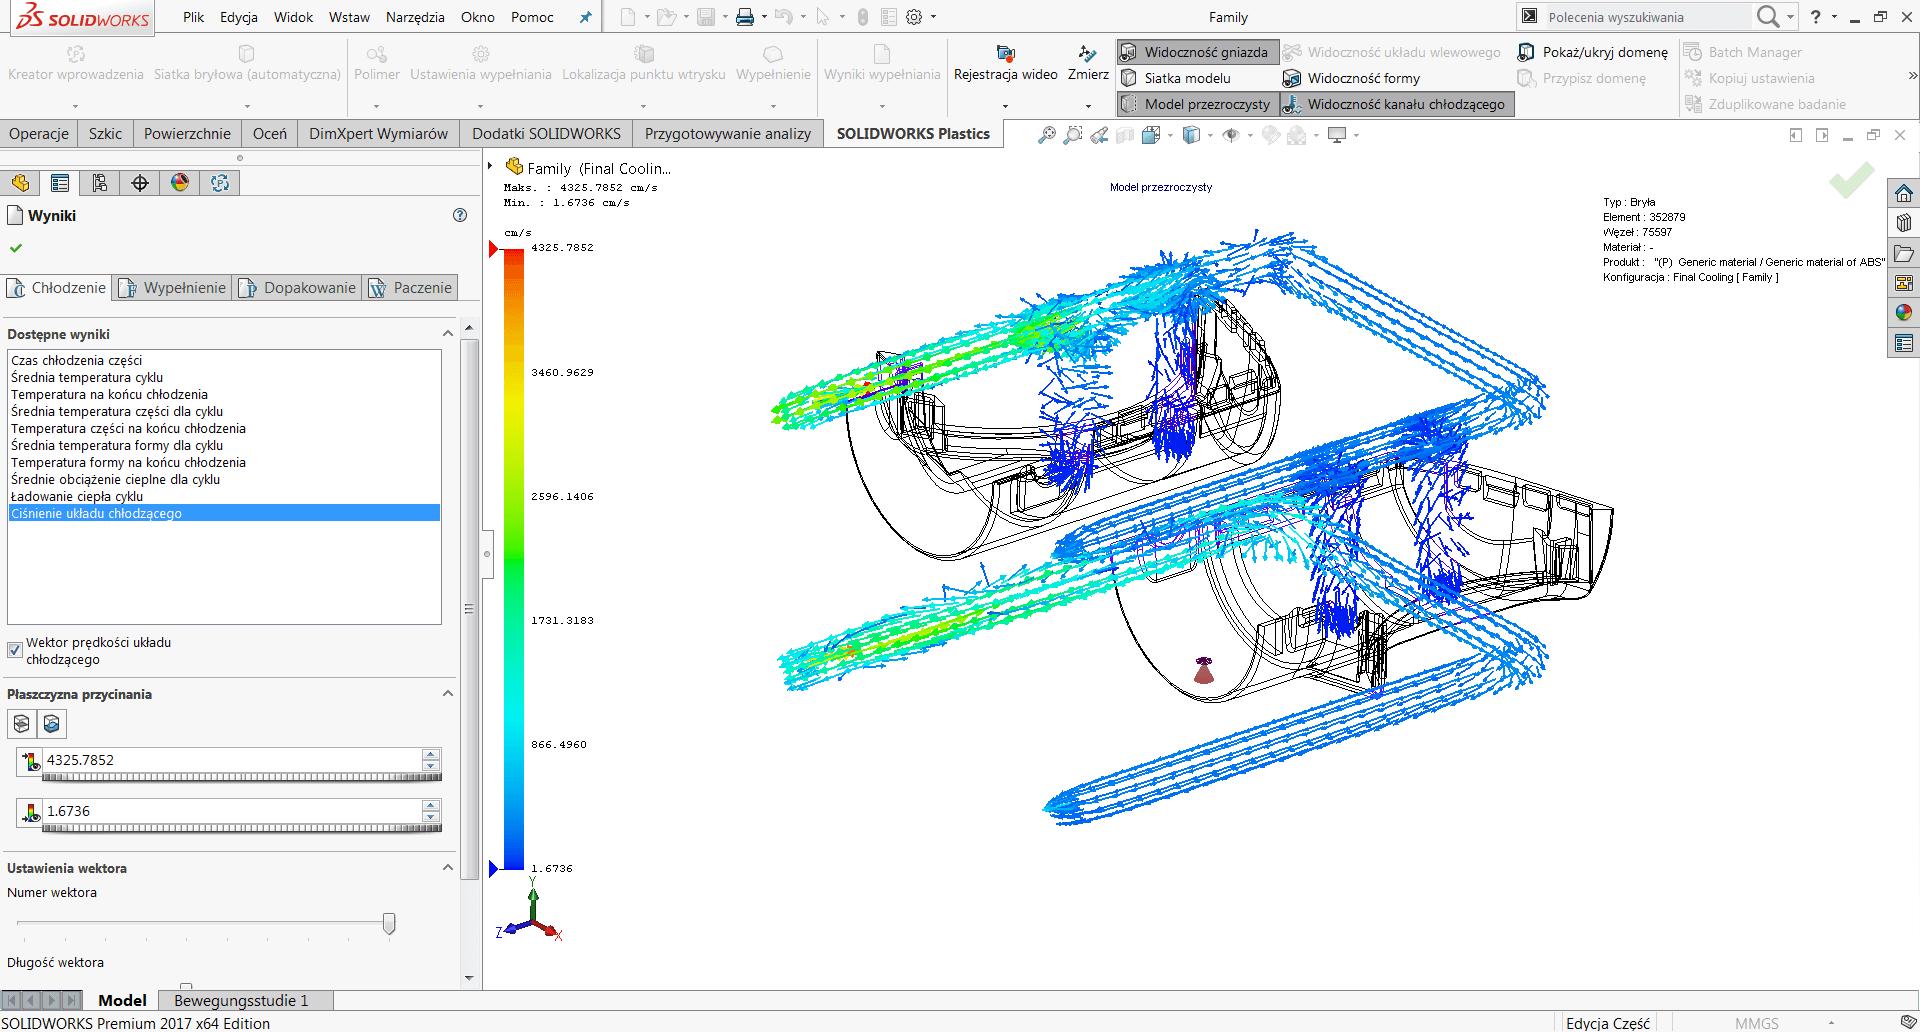 SOLIDWORKS Plastics oprogramowanie CAE analiza wtrysku